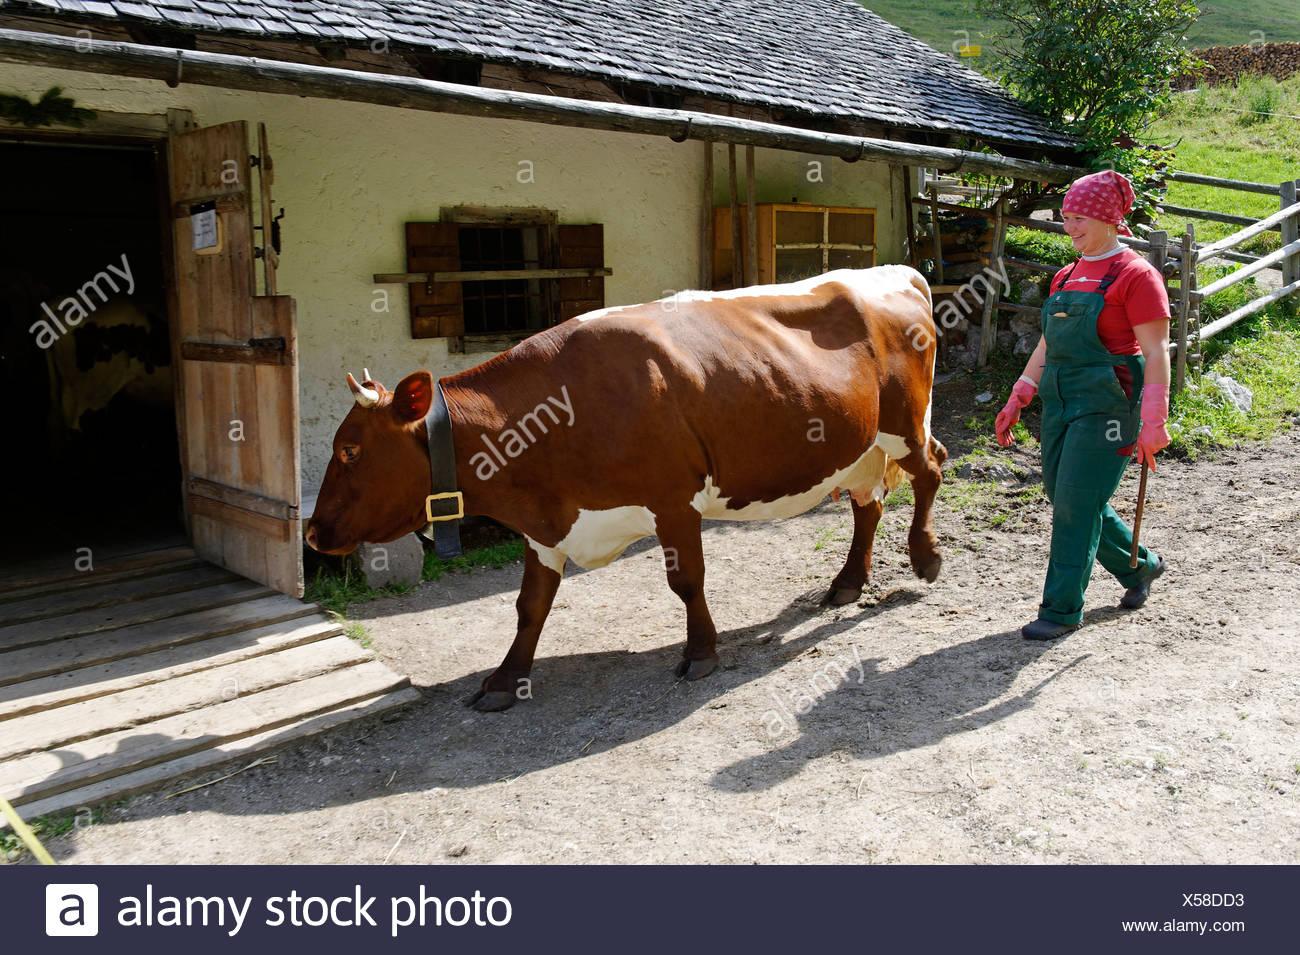 Cameriera caseificio bestiame guida alla stabile su Halsalm, Parco Nazionale di Berchtesgaden, Hintersee, Berchtesgaden, Alta Baviera Immagini Stock